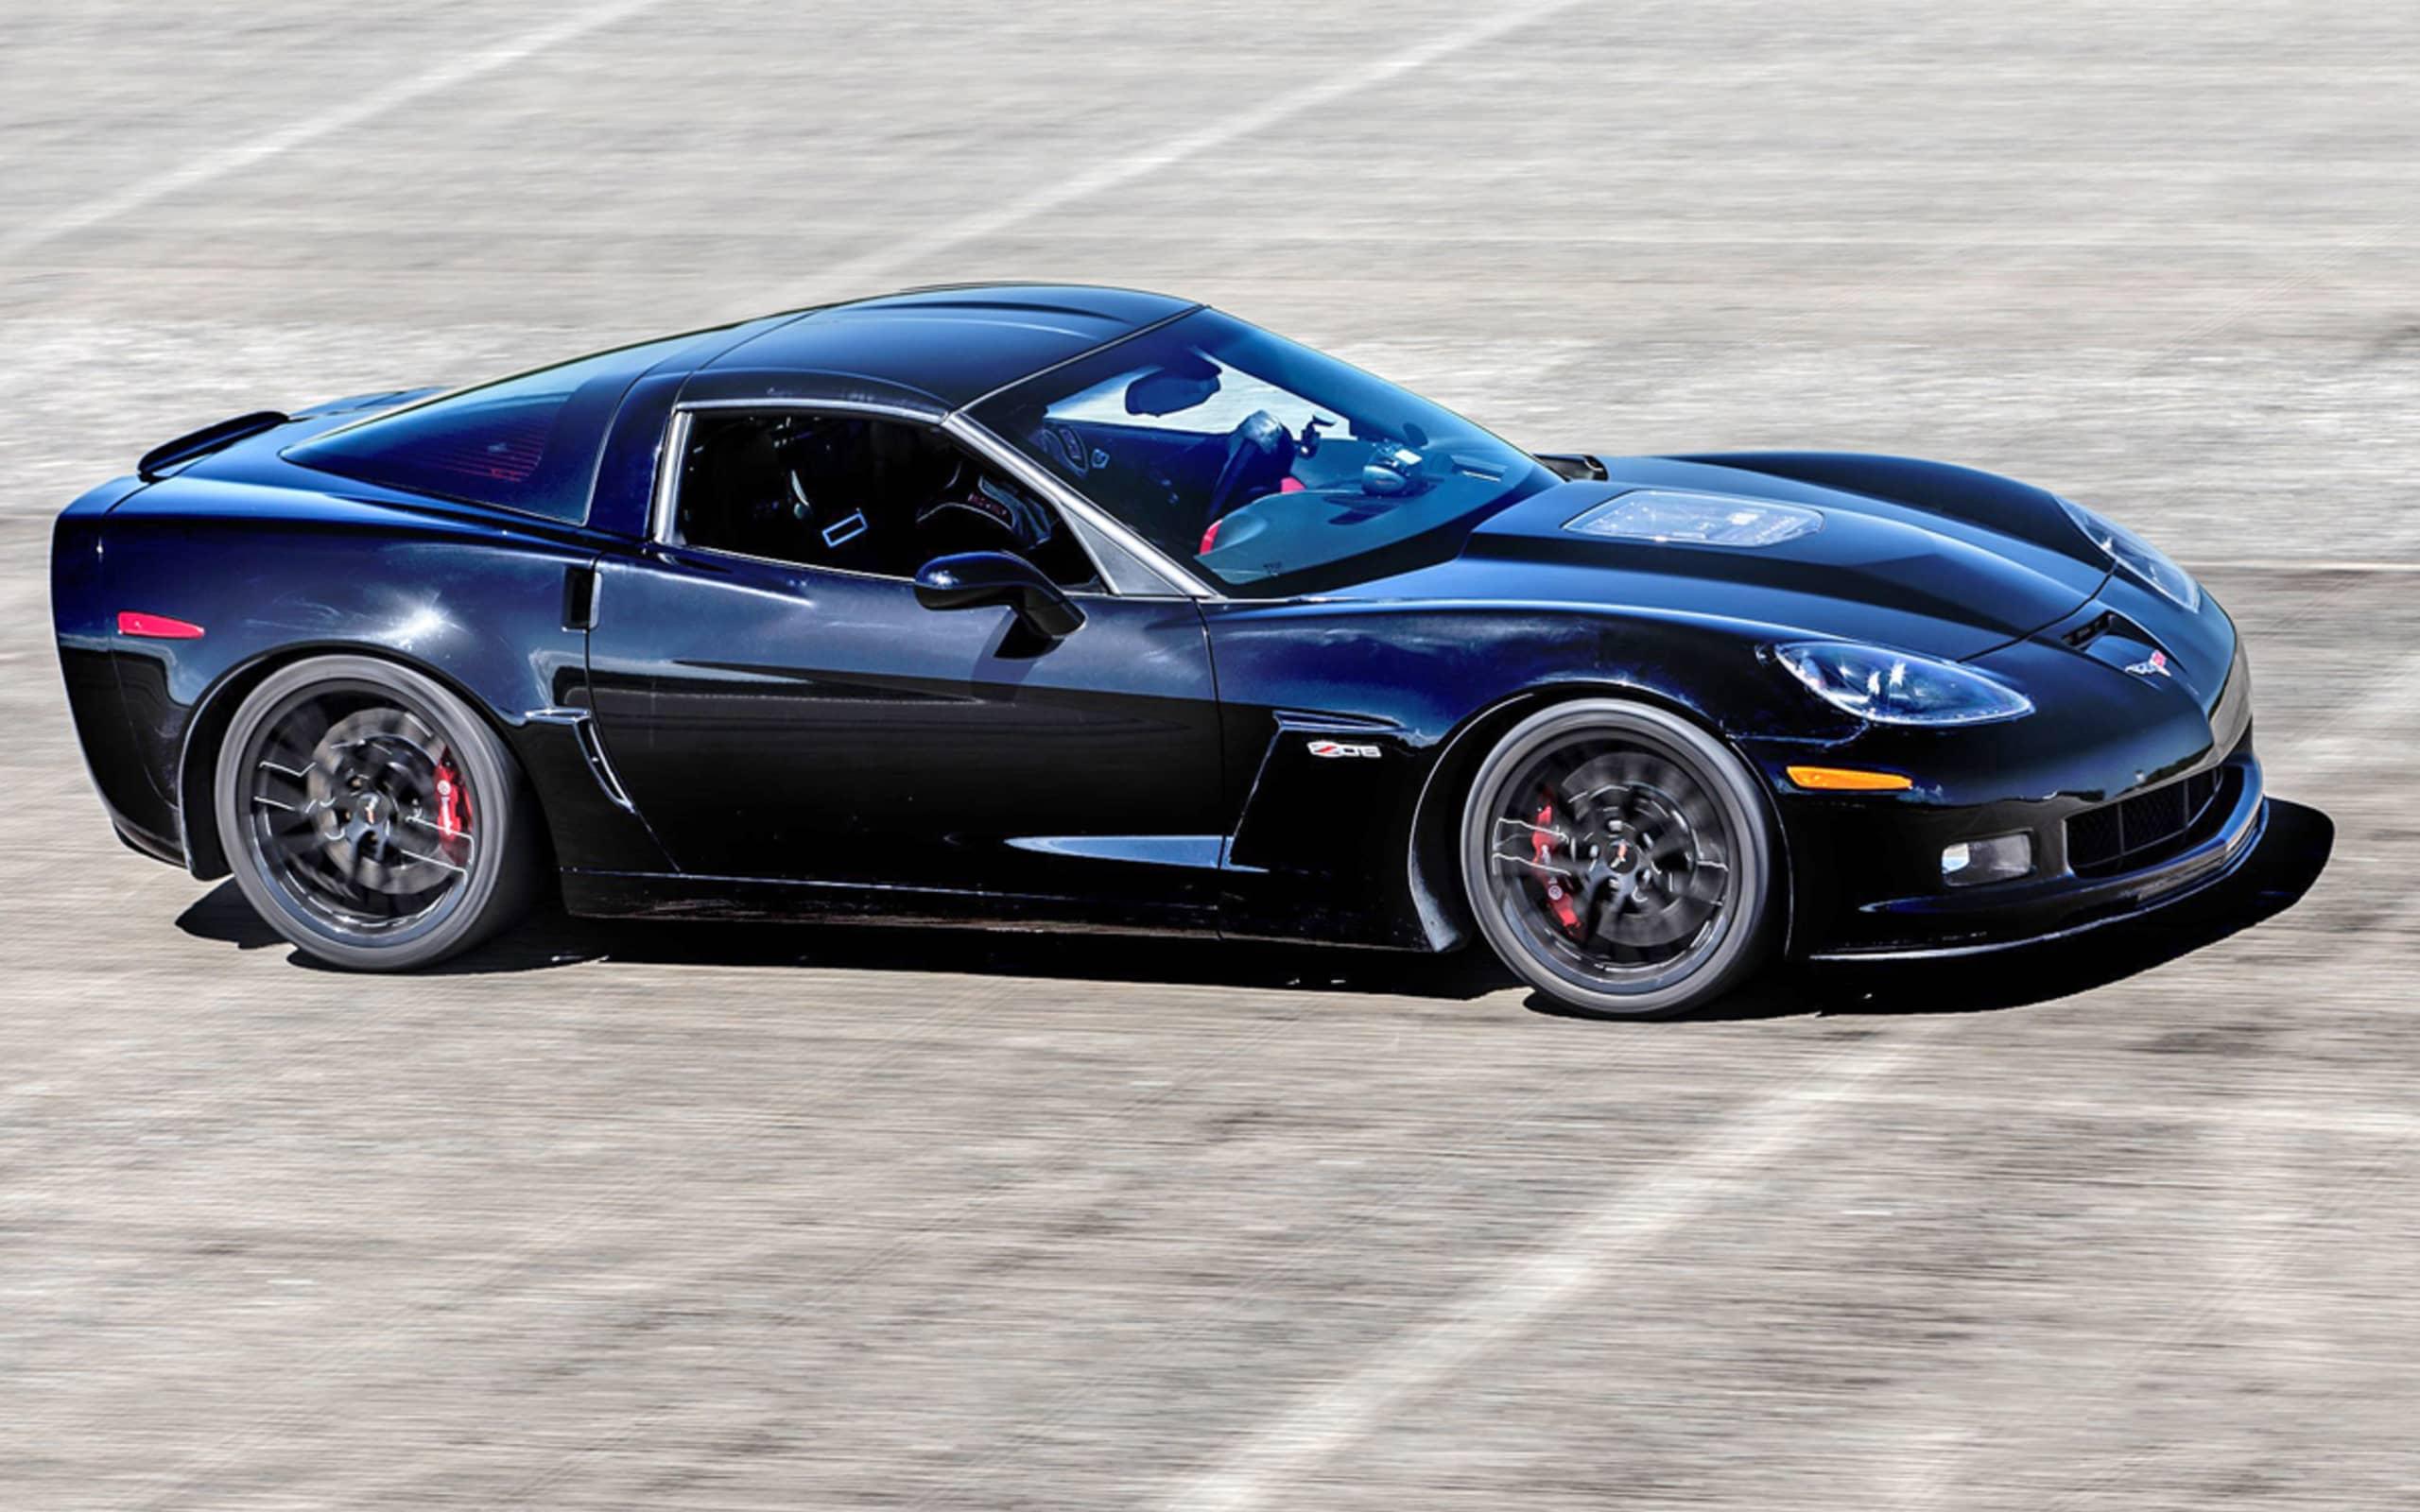 GXE : record du monde de vitesse pour une voiture électrique, 330,9 km/h 6